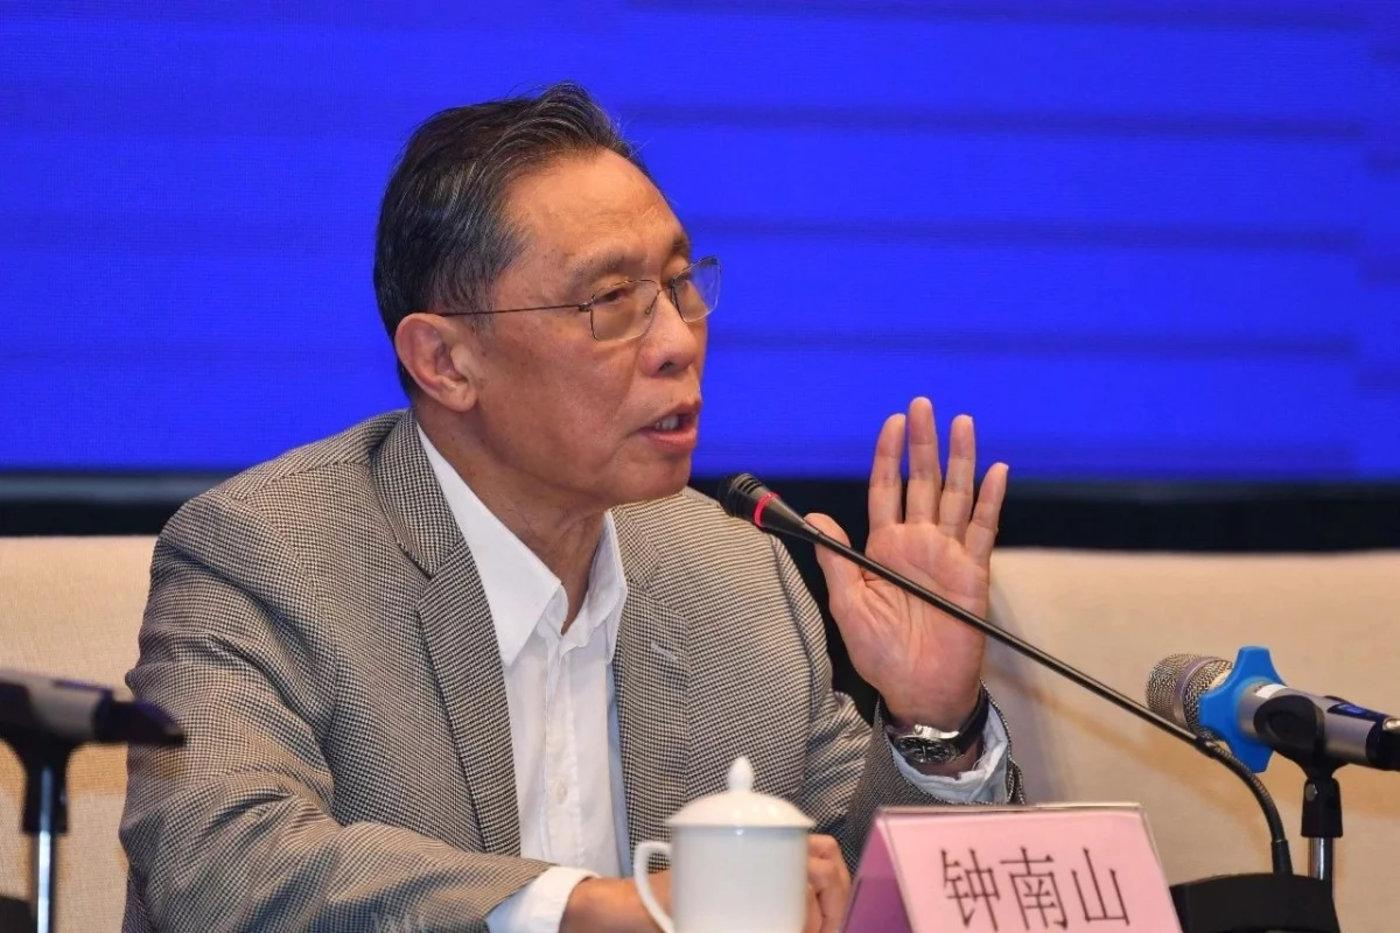 钟南山在广州新冠疫情防控例行会上讲话